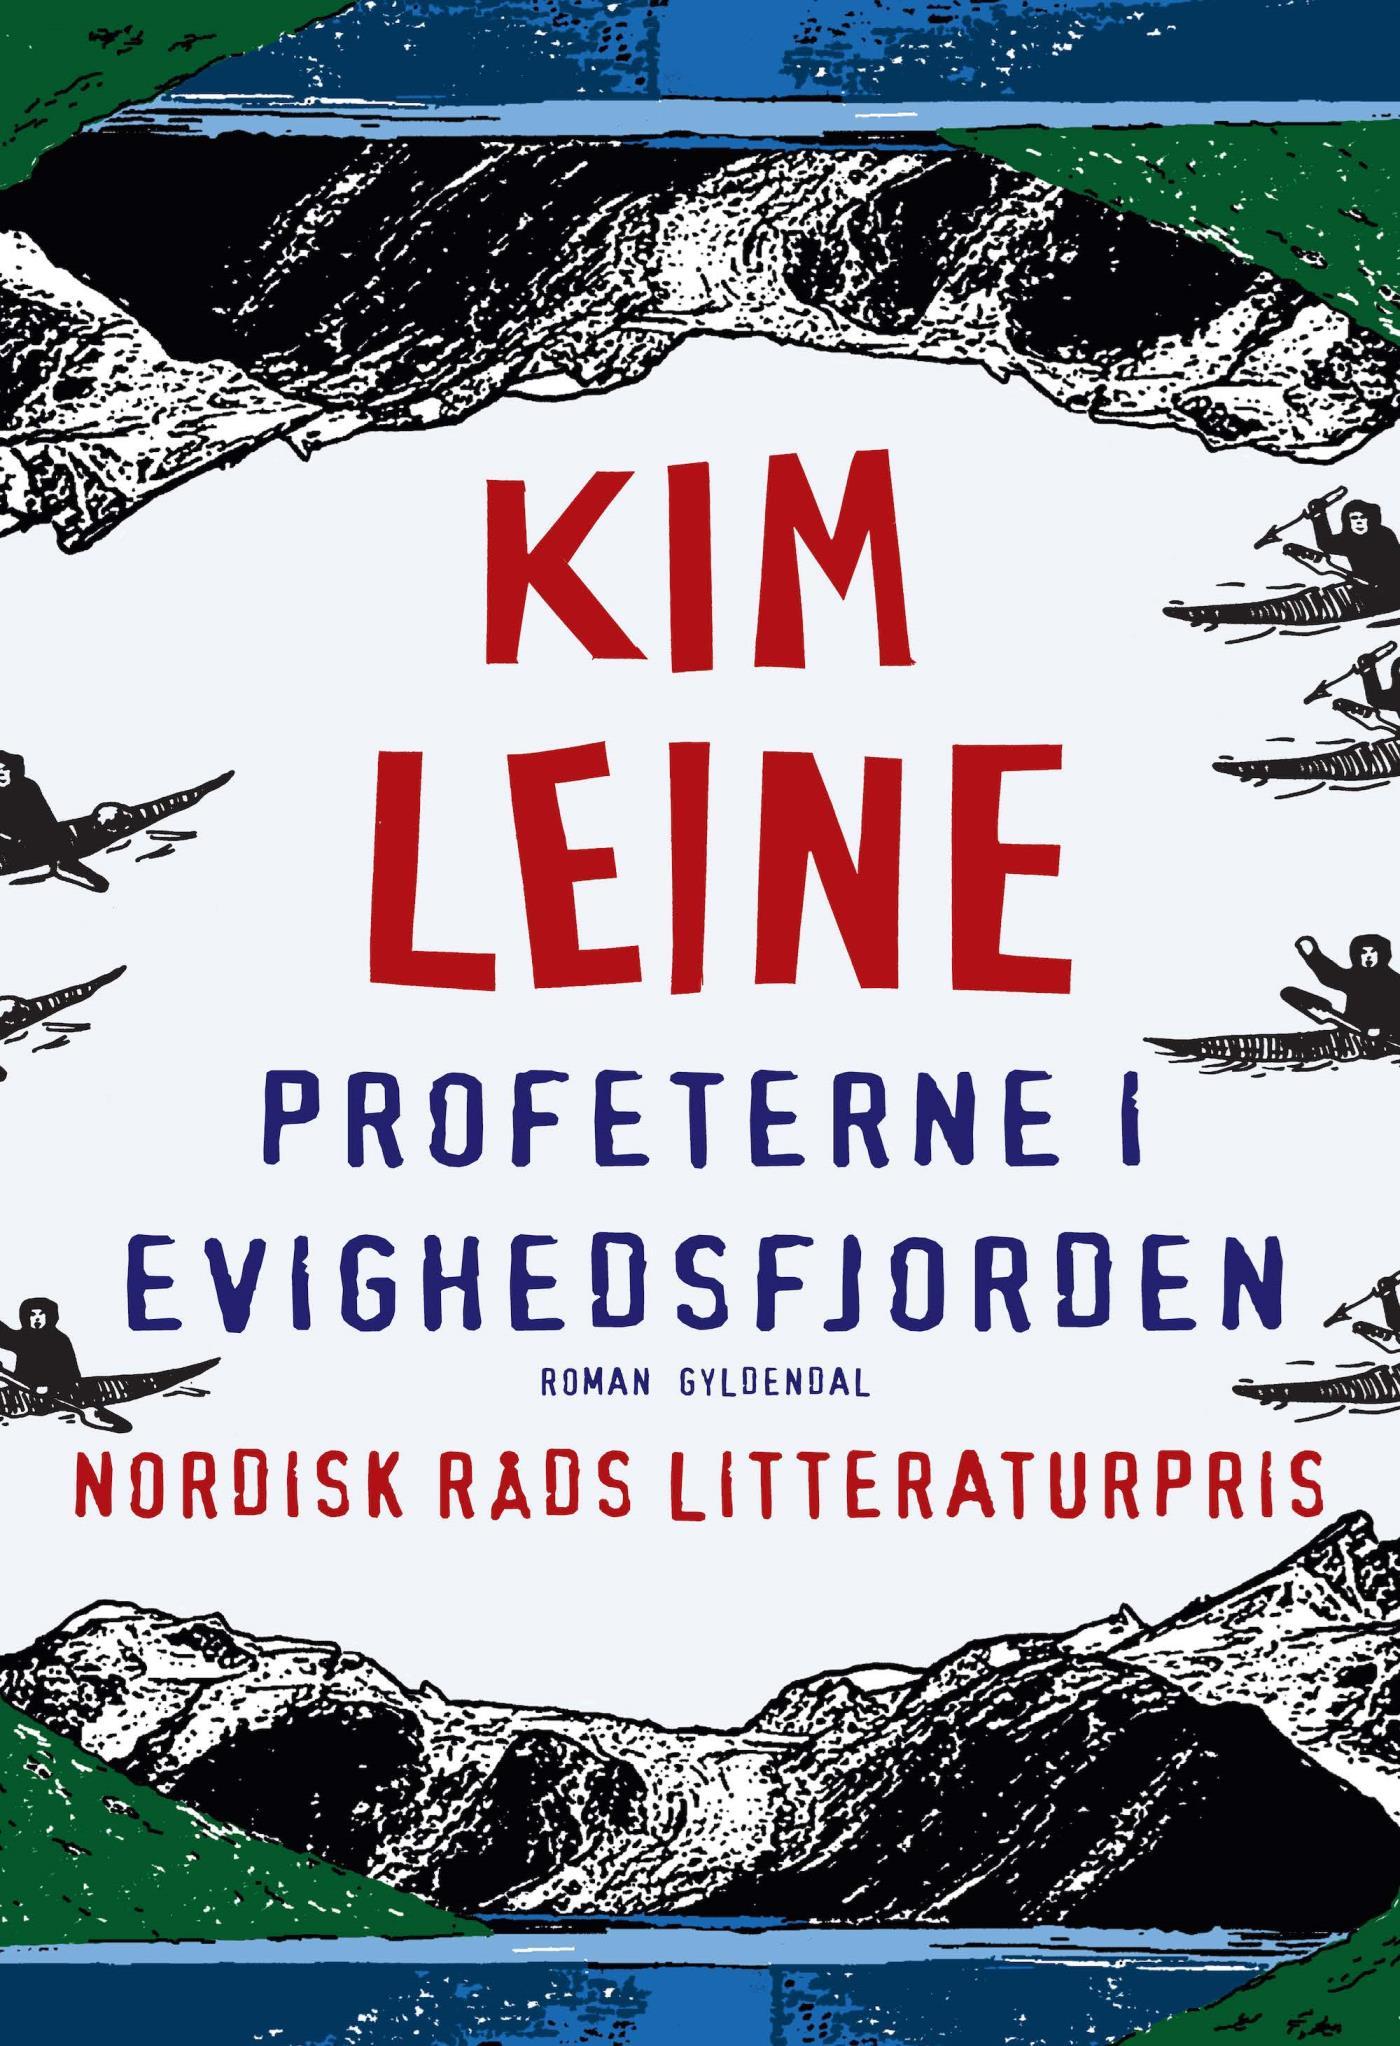 Profeterne i evighedsfjorden - e-bog fra N/A på bog & mystik